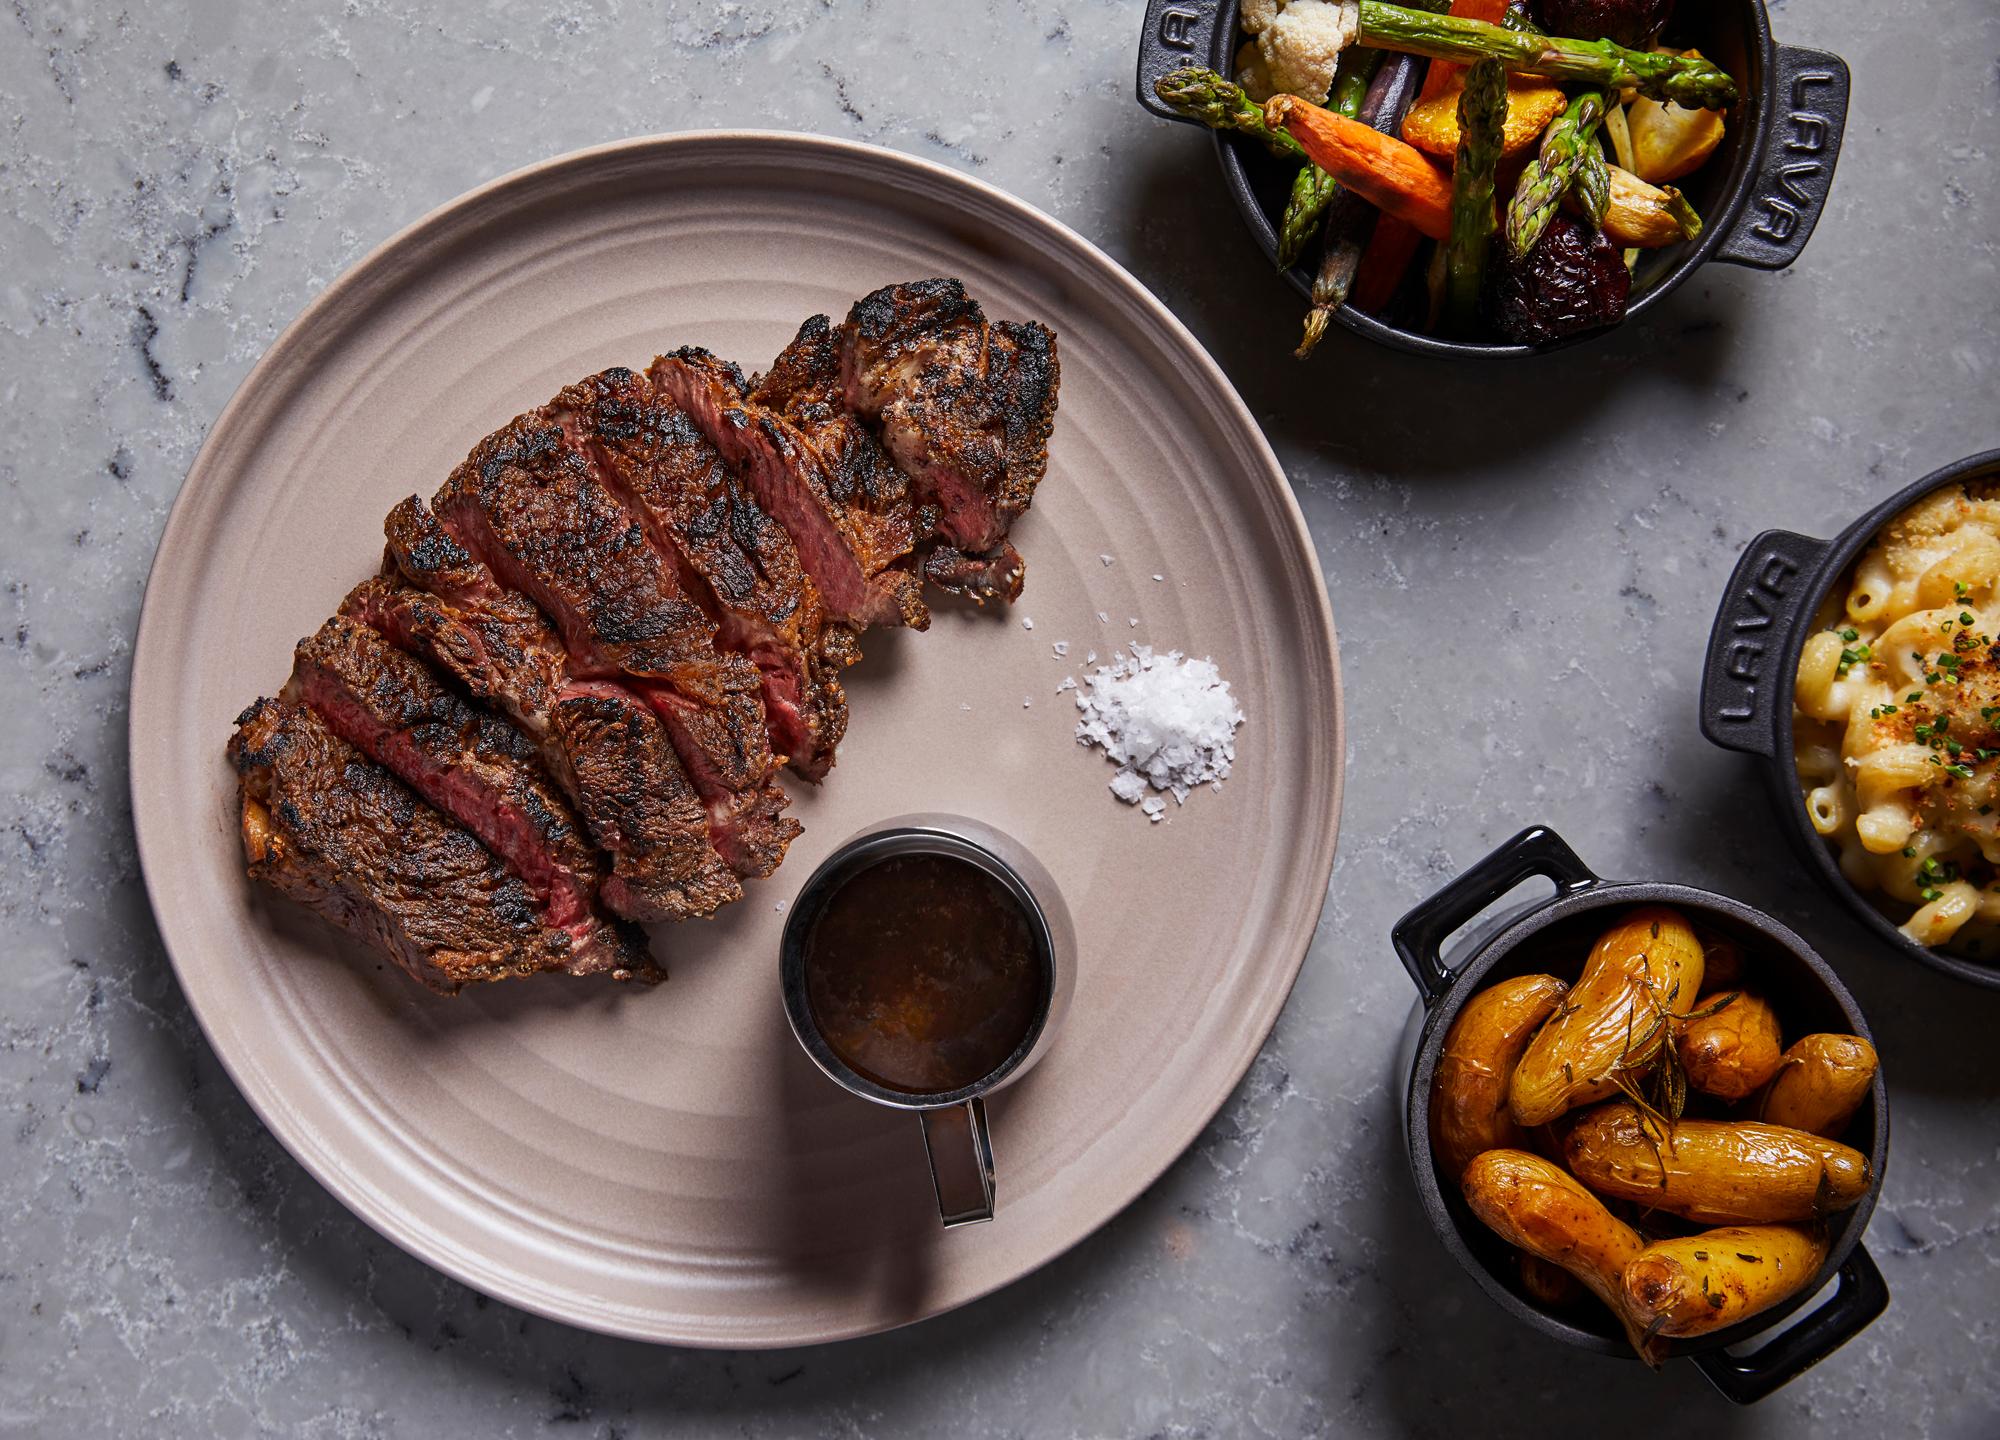 Public Square_Steak & Sides